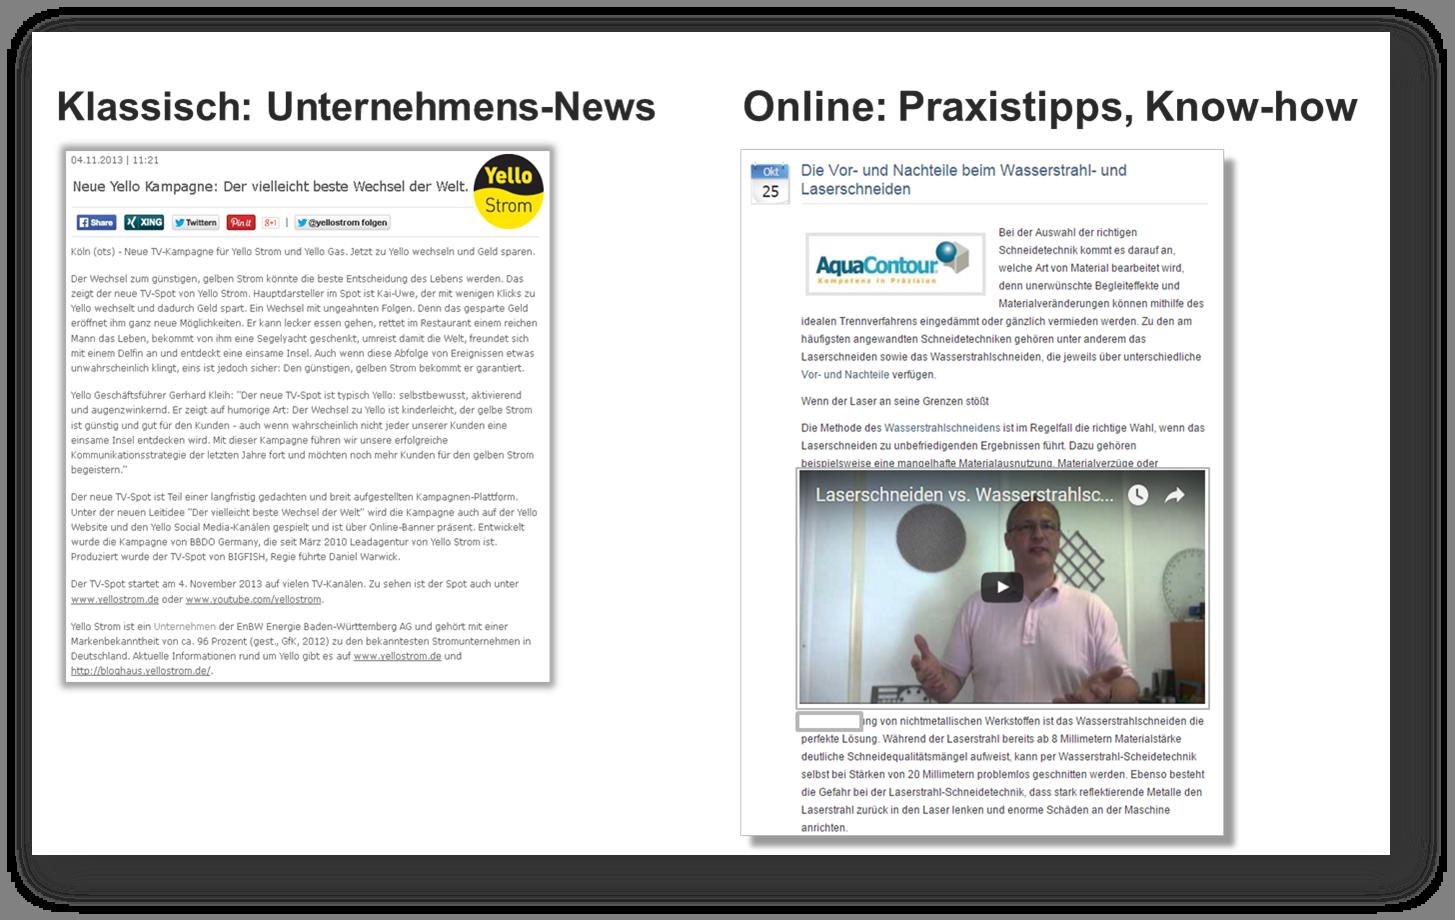 Online Pressemitteilungen glänzen mit Inhalt